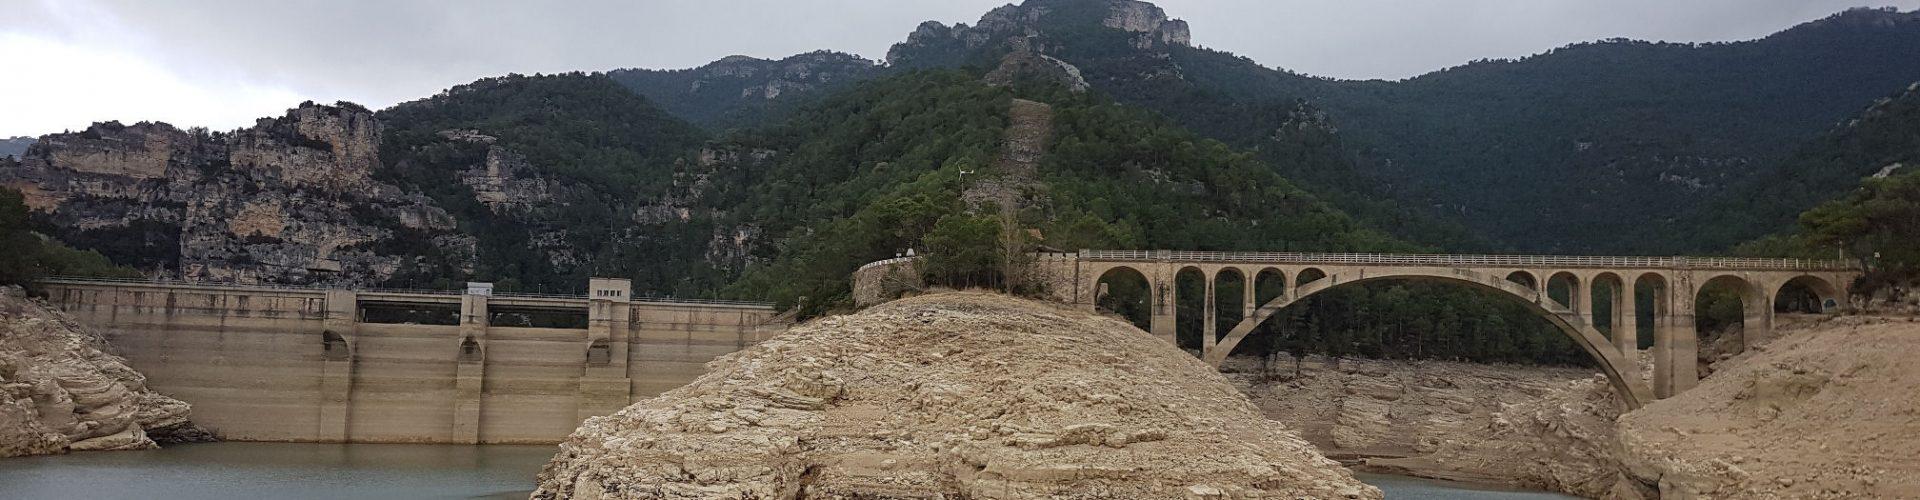 El pantà d'Ulldecona, a solament el 9% de la seua capacitat